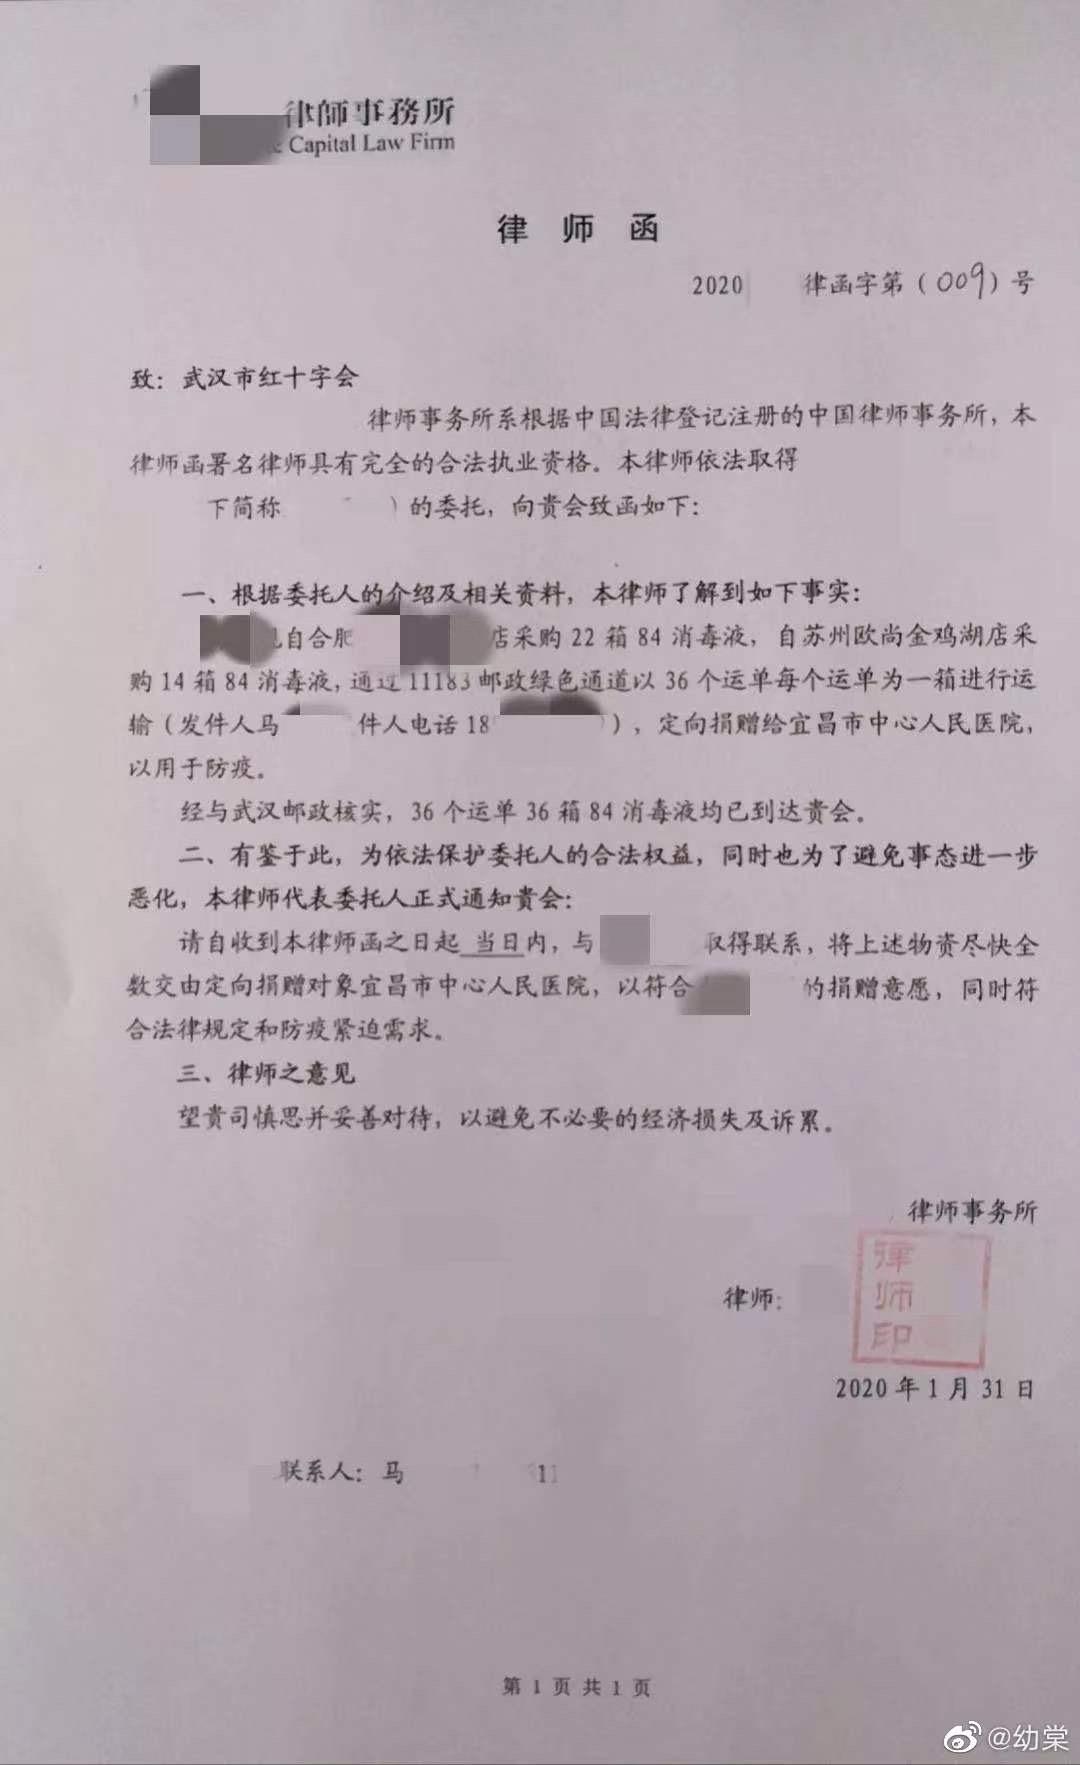 某网友称,通过民间组织捐赠给宜昌市中心医院的物资到达武汉红十字会仓库后迟迟不分配,最后不得不经支援组织者发出律师函才让物资继续前进。